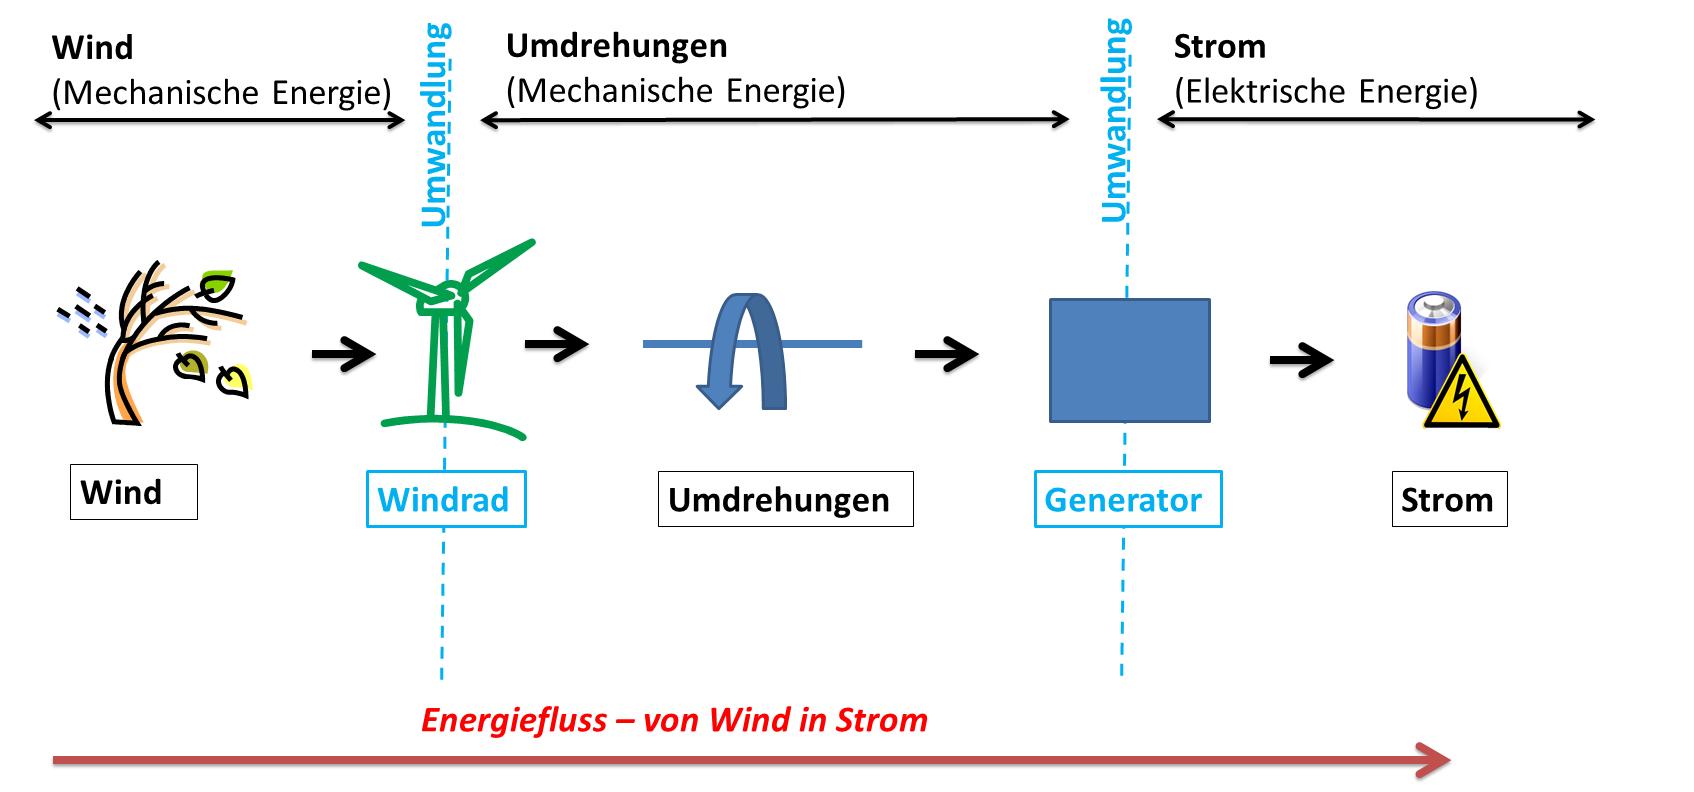 Energiewandelstation Undmehr Energie Eine Verwandlungskunstlerin